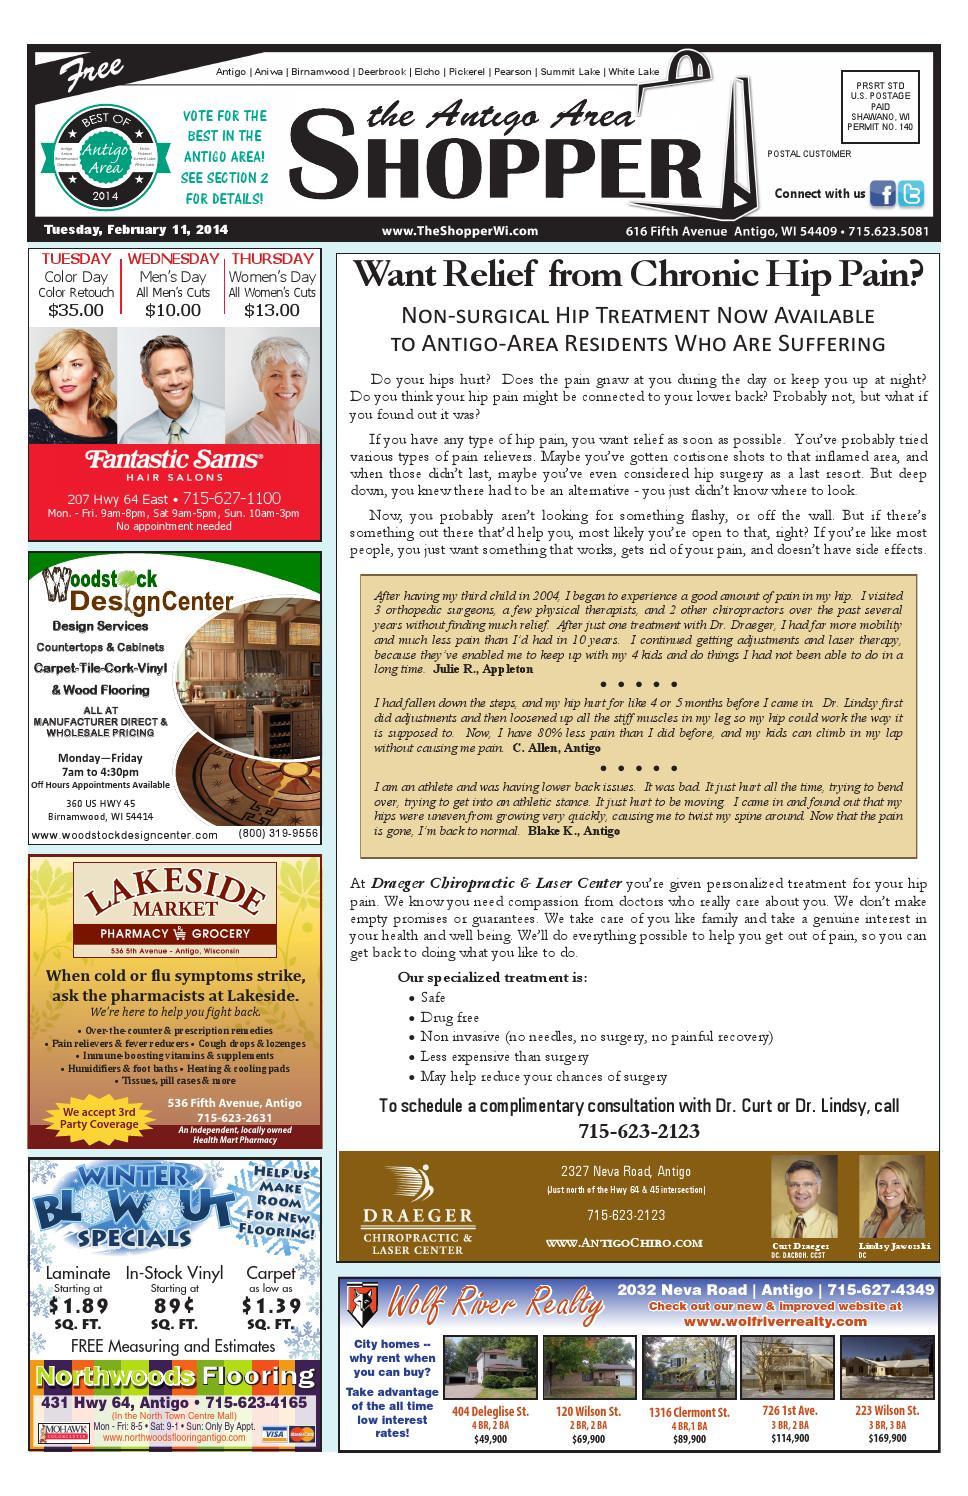 Antigo Area Shopper 02/11/2014 by Antigo Area Shopper - issuu